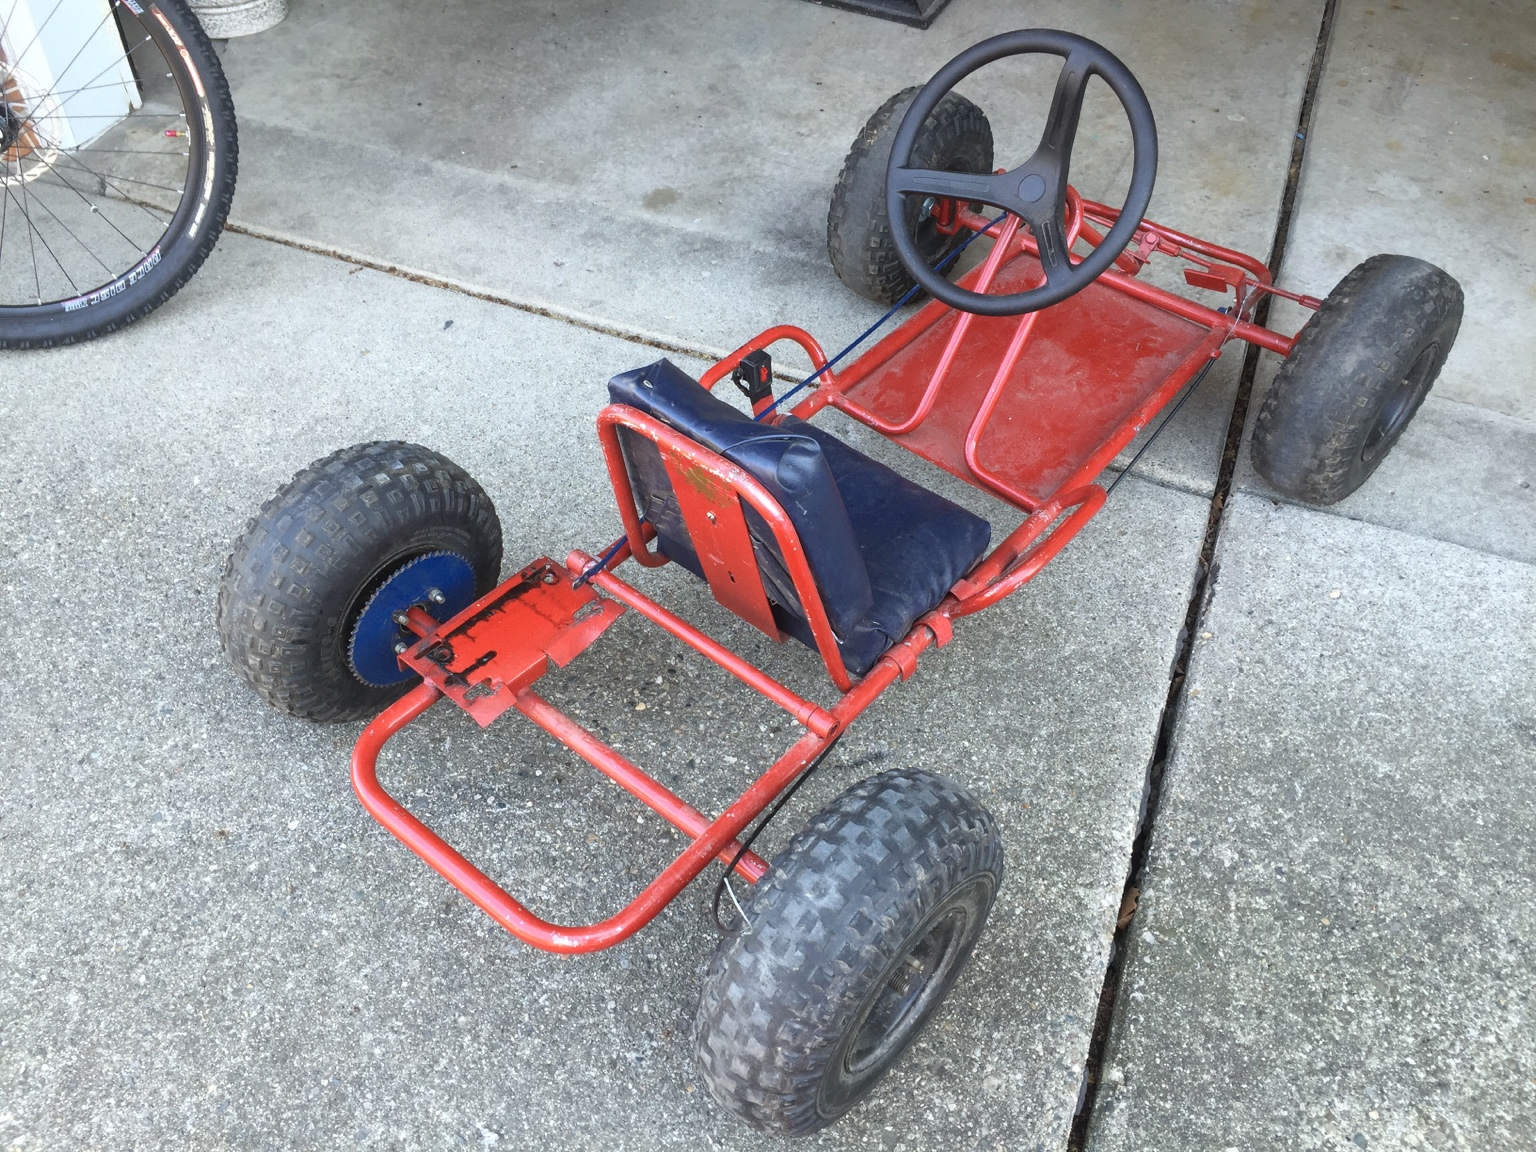 Help identifying Go Kart frame? - DIY Go Kart Forum